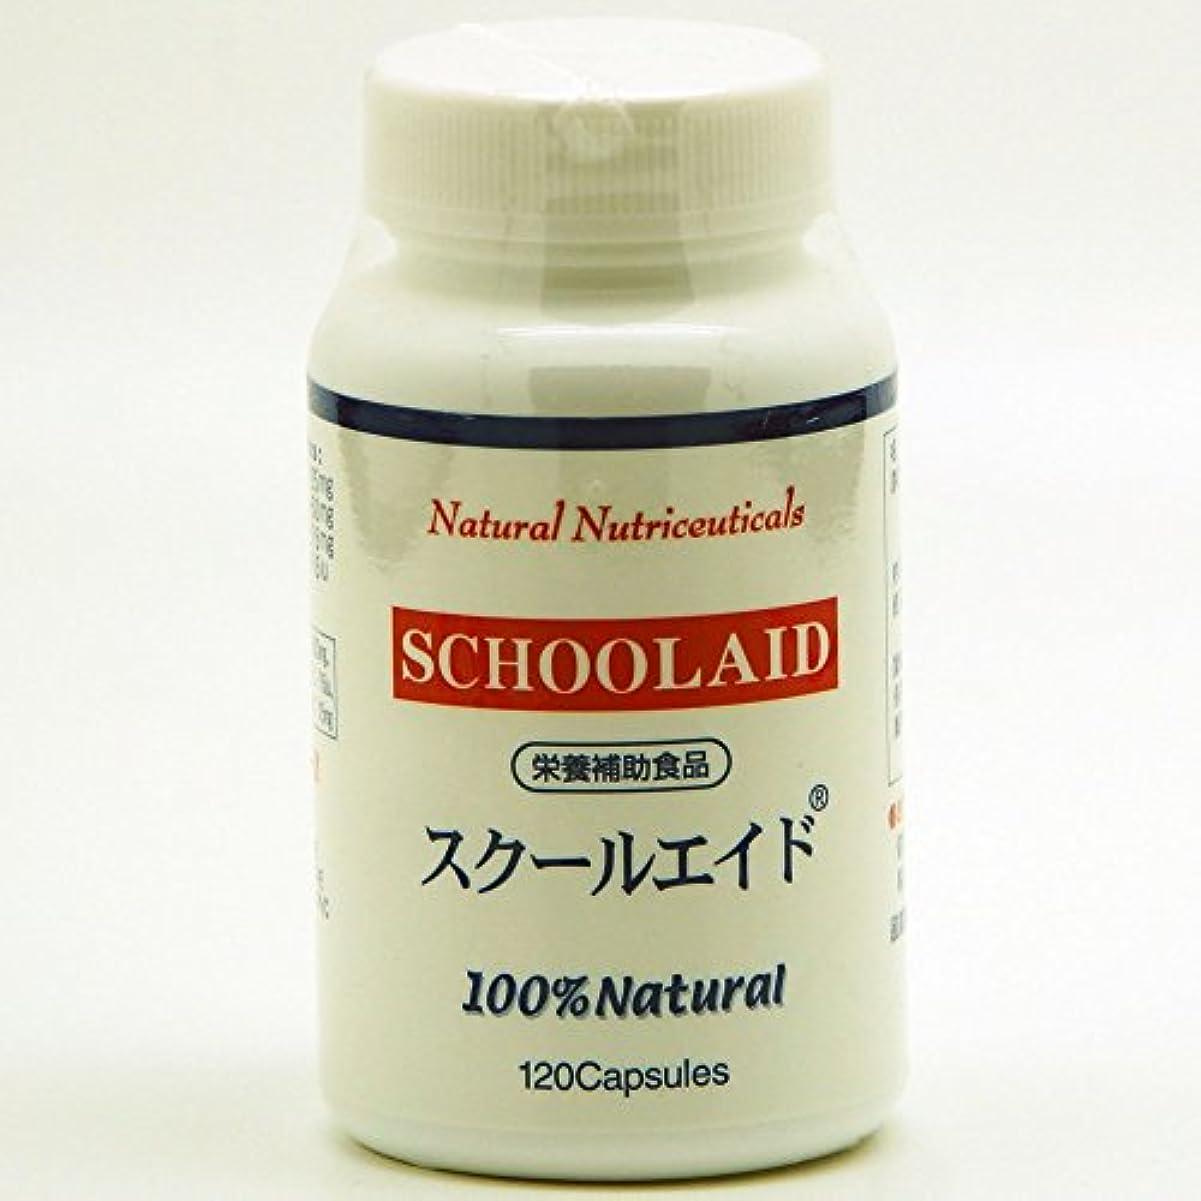 型思春期の野ウサギ日本ファミリーケア スクールエイド 120カプセル